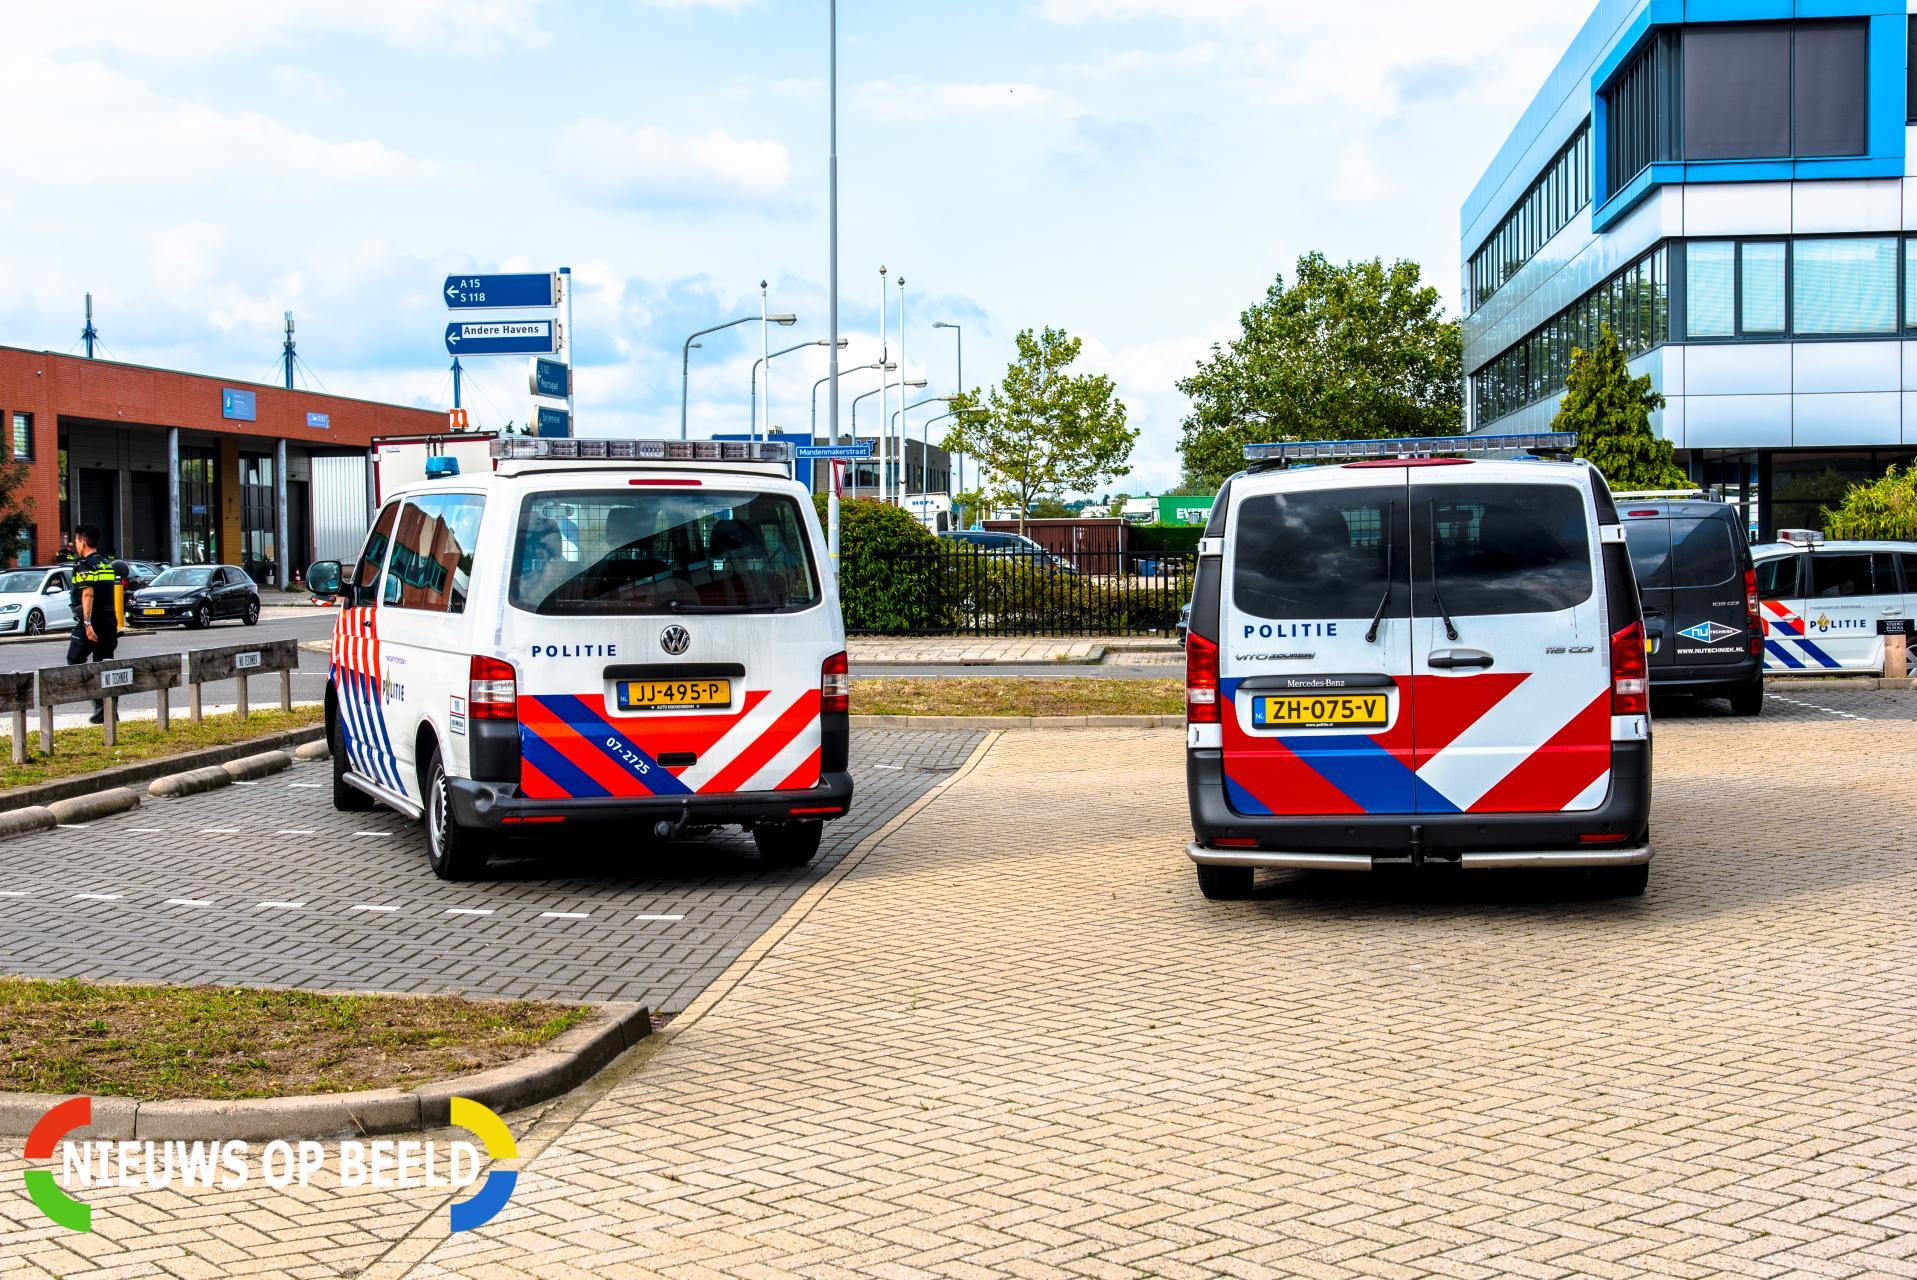 Agenten in kogelwerende vesten doen onderzoek na inbraakalarm Mandenmakerstraat Hoogvliet